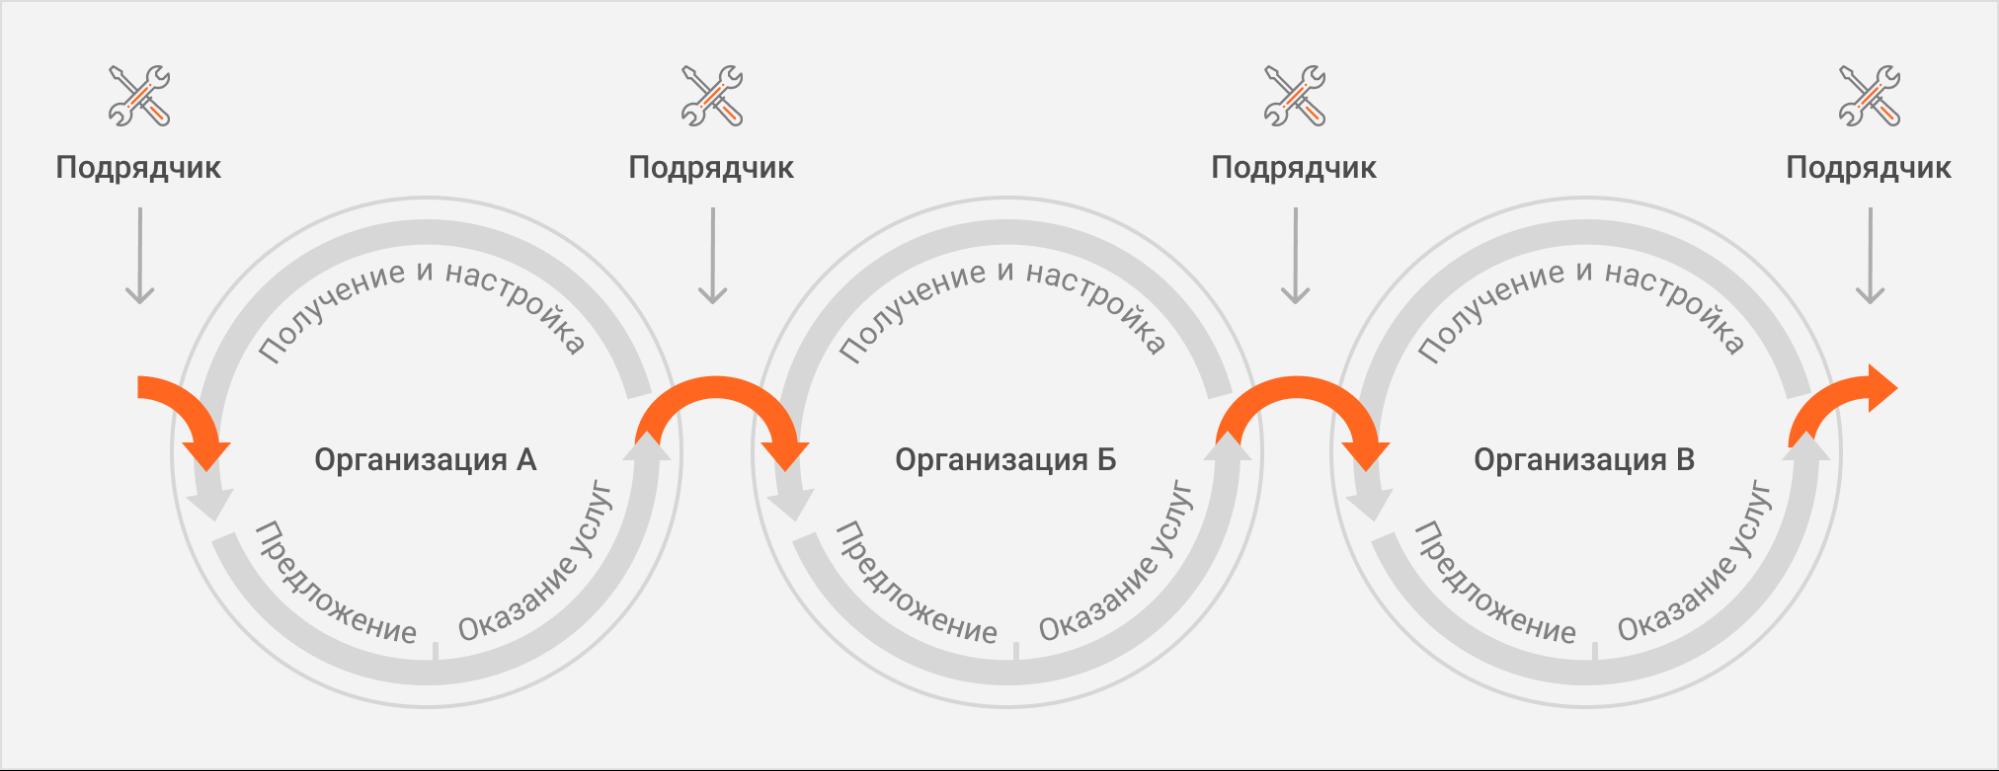 Модель сервисных взаимоотношений